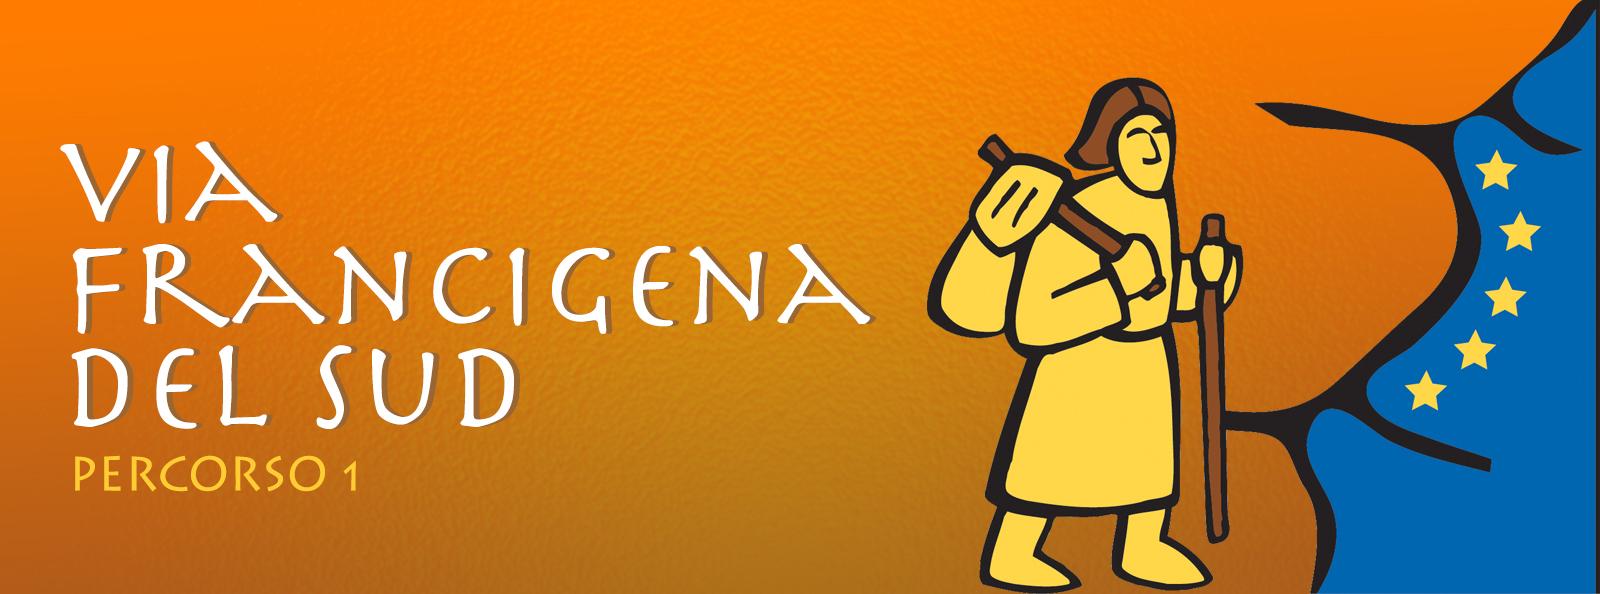 copertinaviafrancigena1